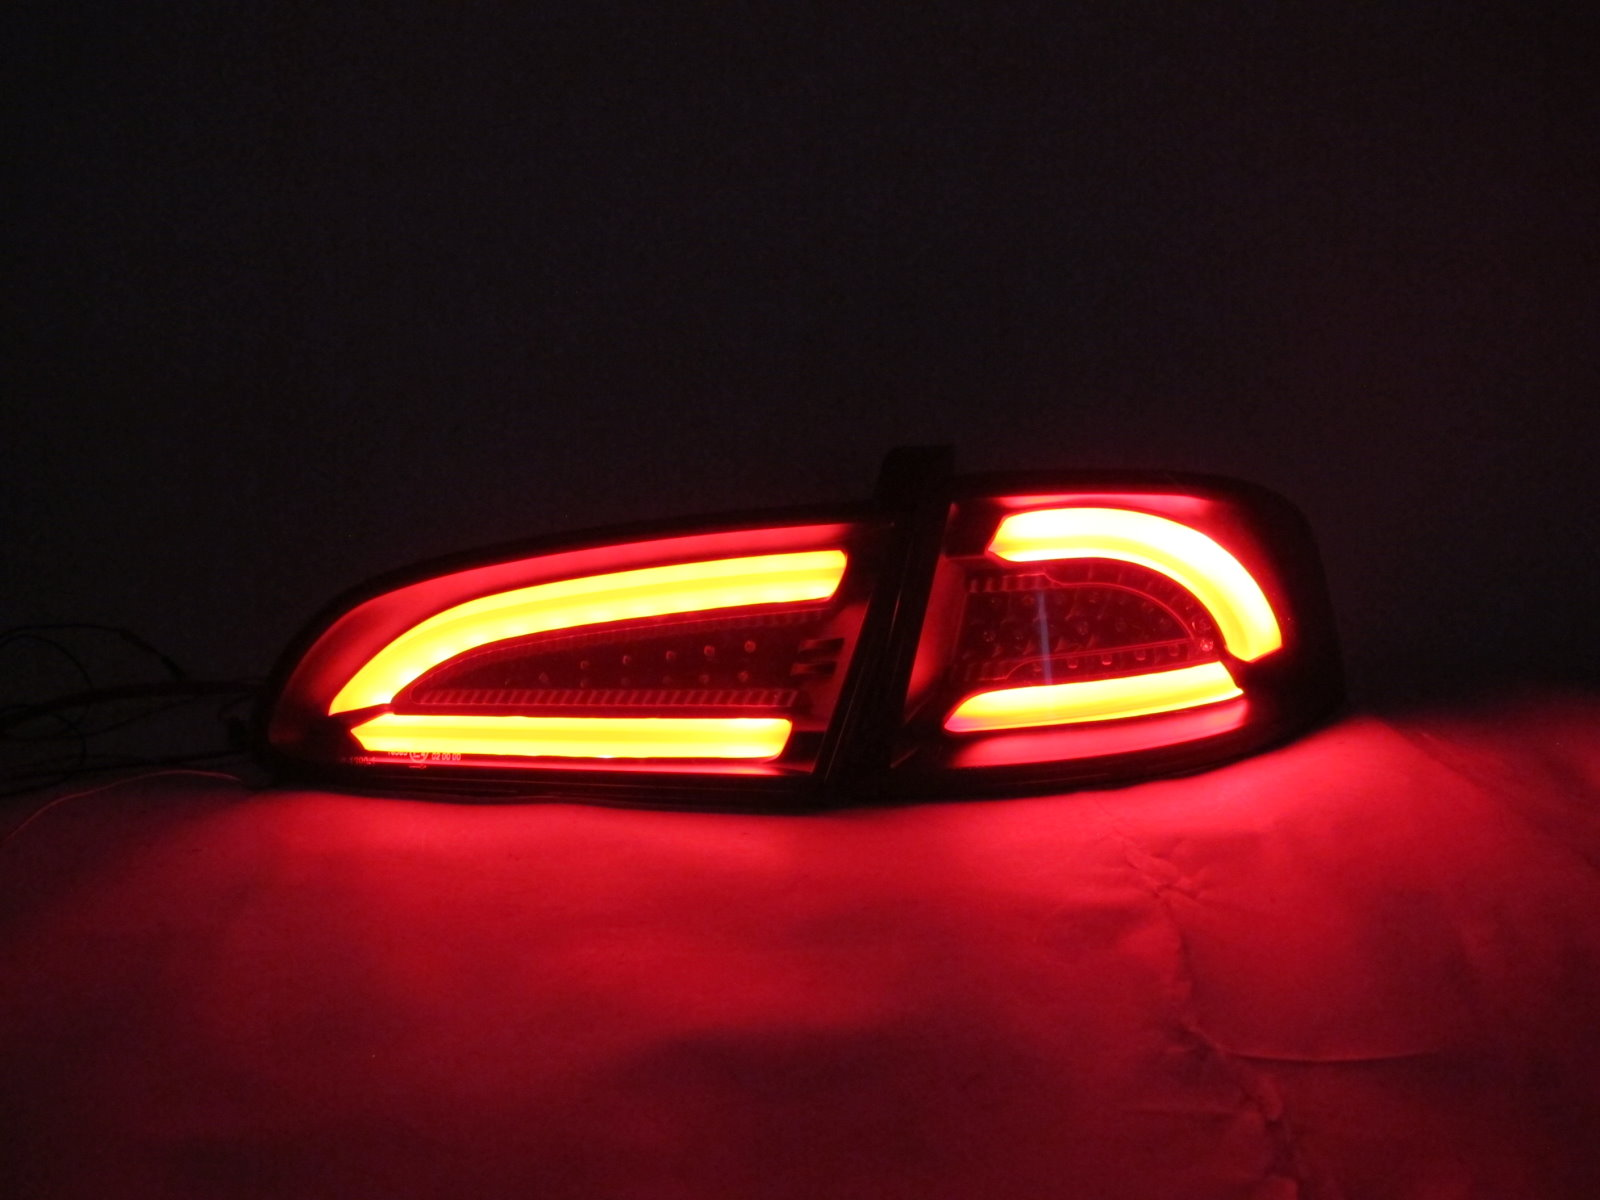 crazythegod ibiza 6l 2002 2008 led bar tail rear light. Black Bedroom Furniture Sets. Home Design Ideas